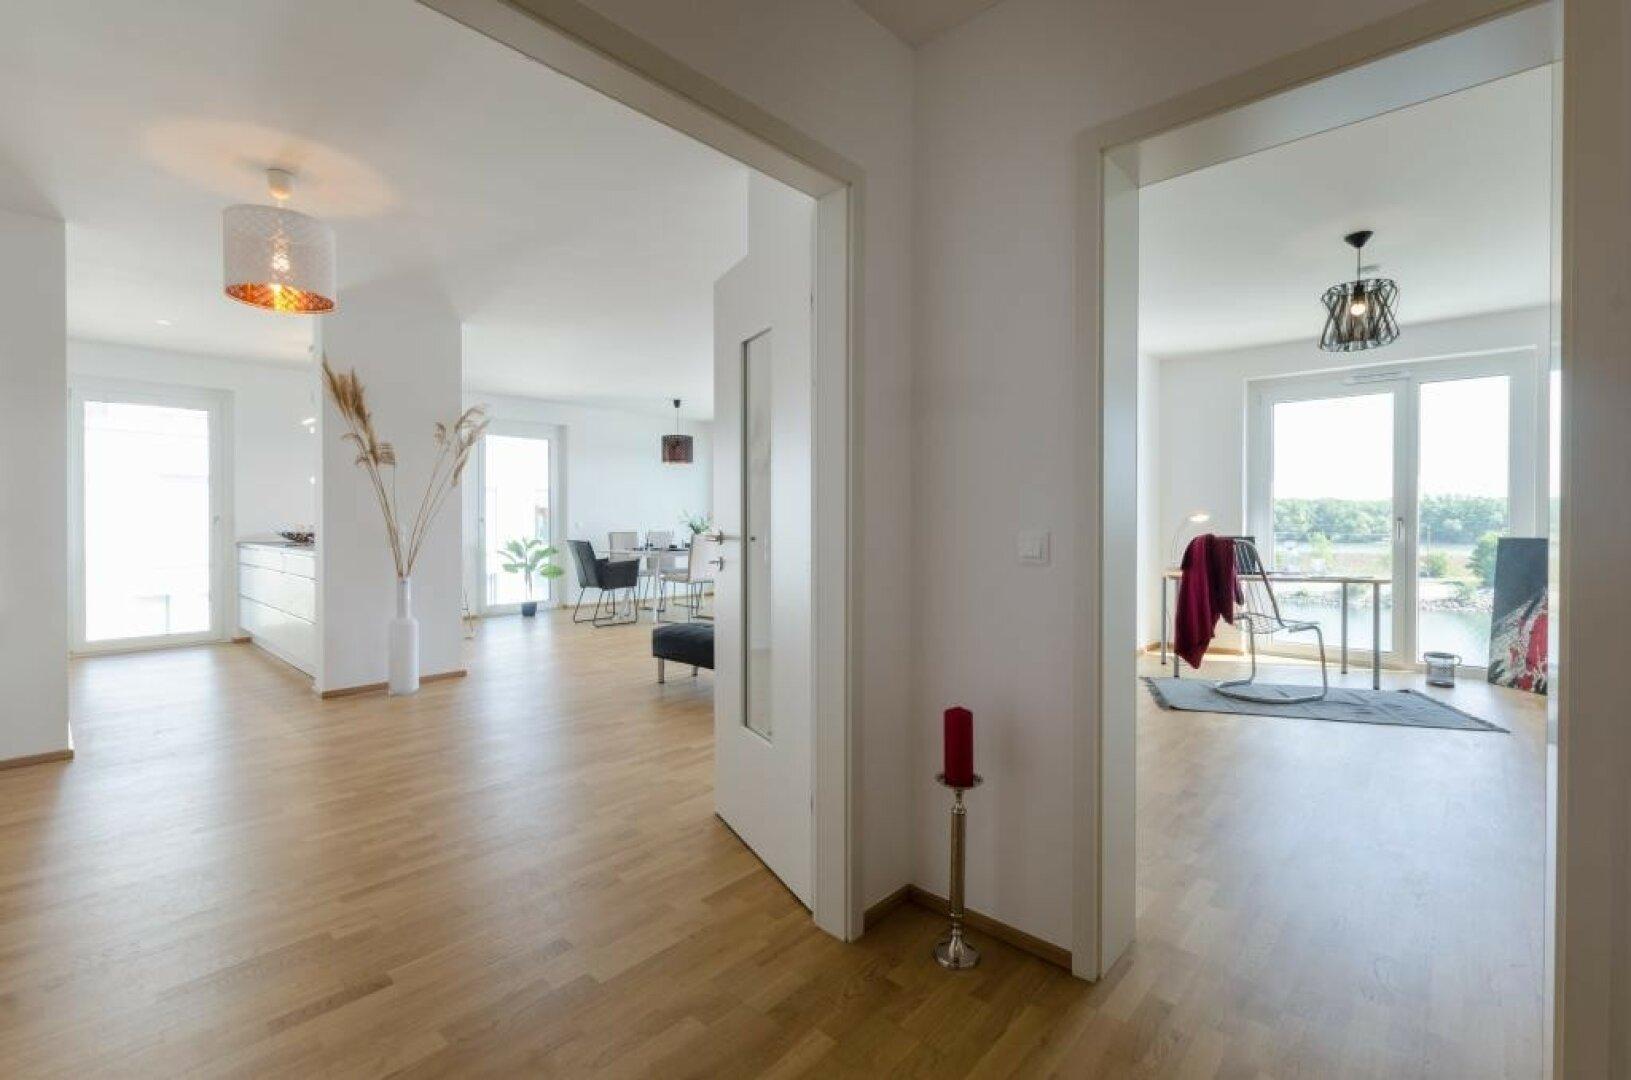 Blick in Zimmer 1 und Wohn- esszimmer